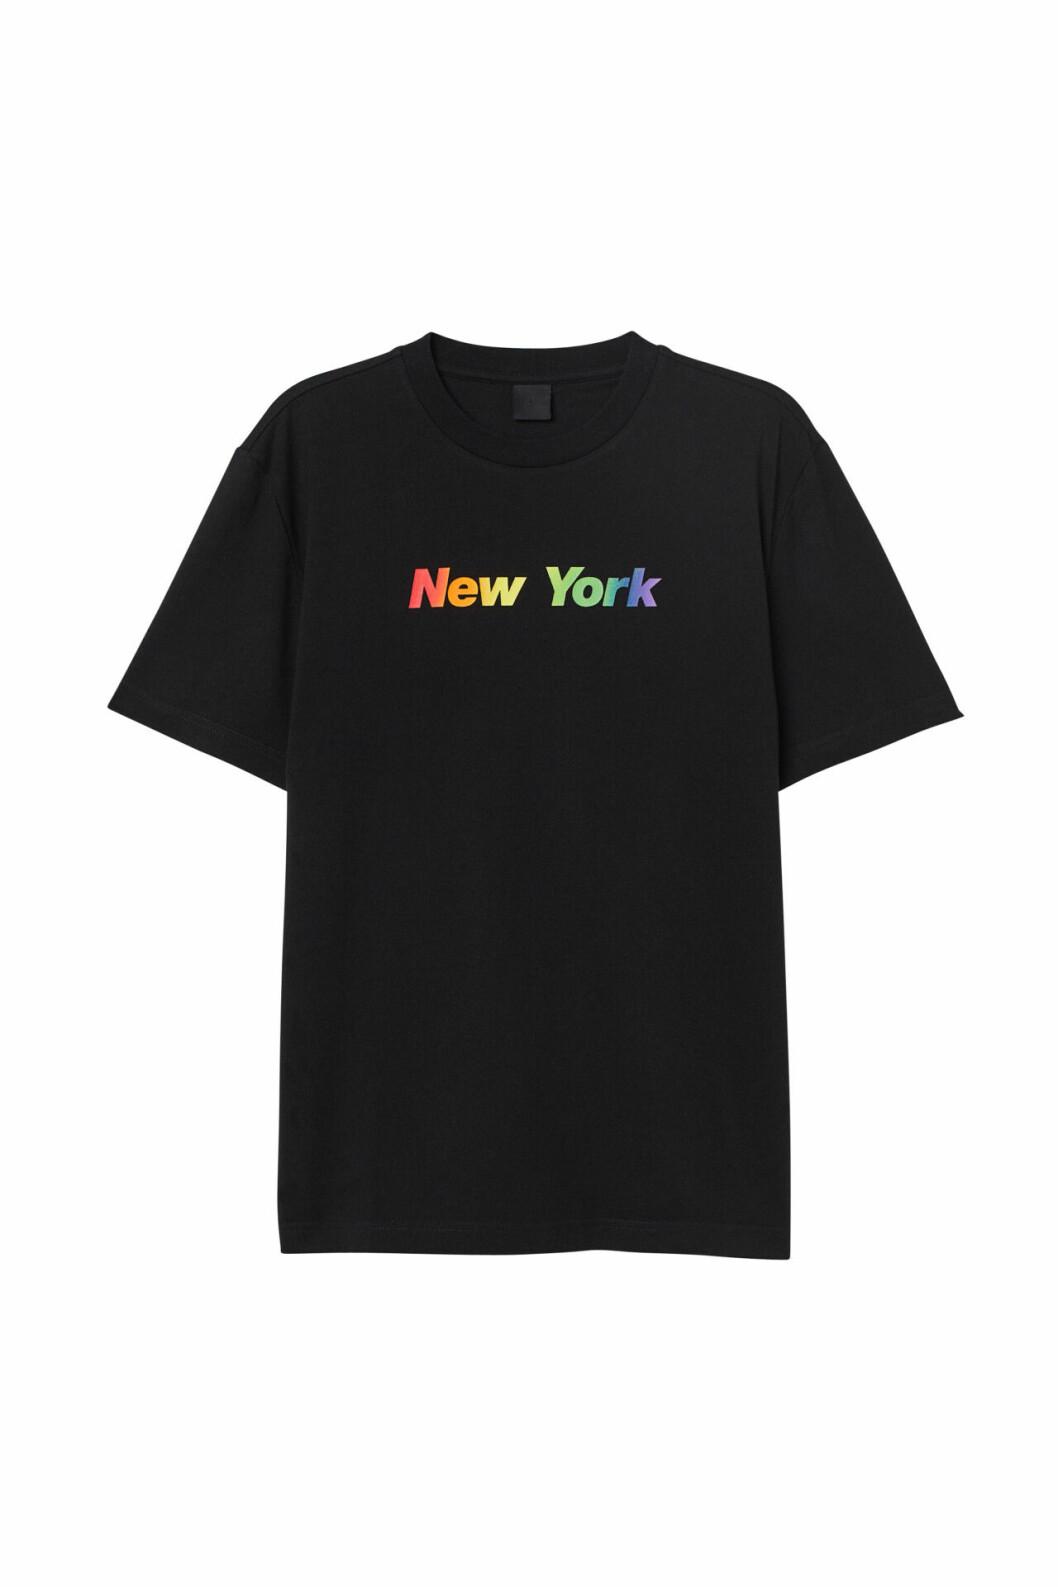 H&M släpper Pridekollektion för 2019 – svart t-shirt med texten New york